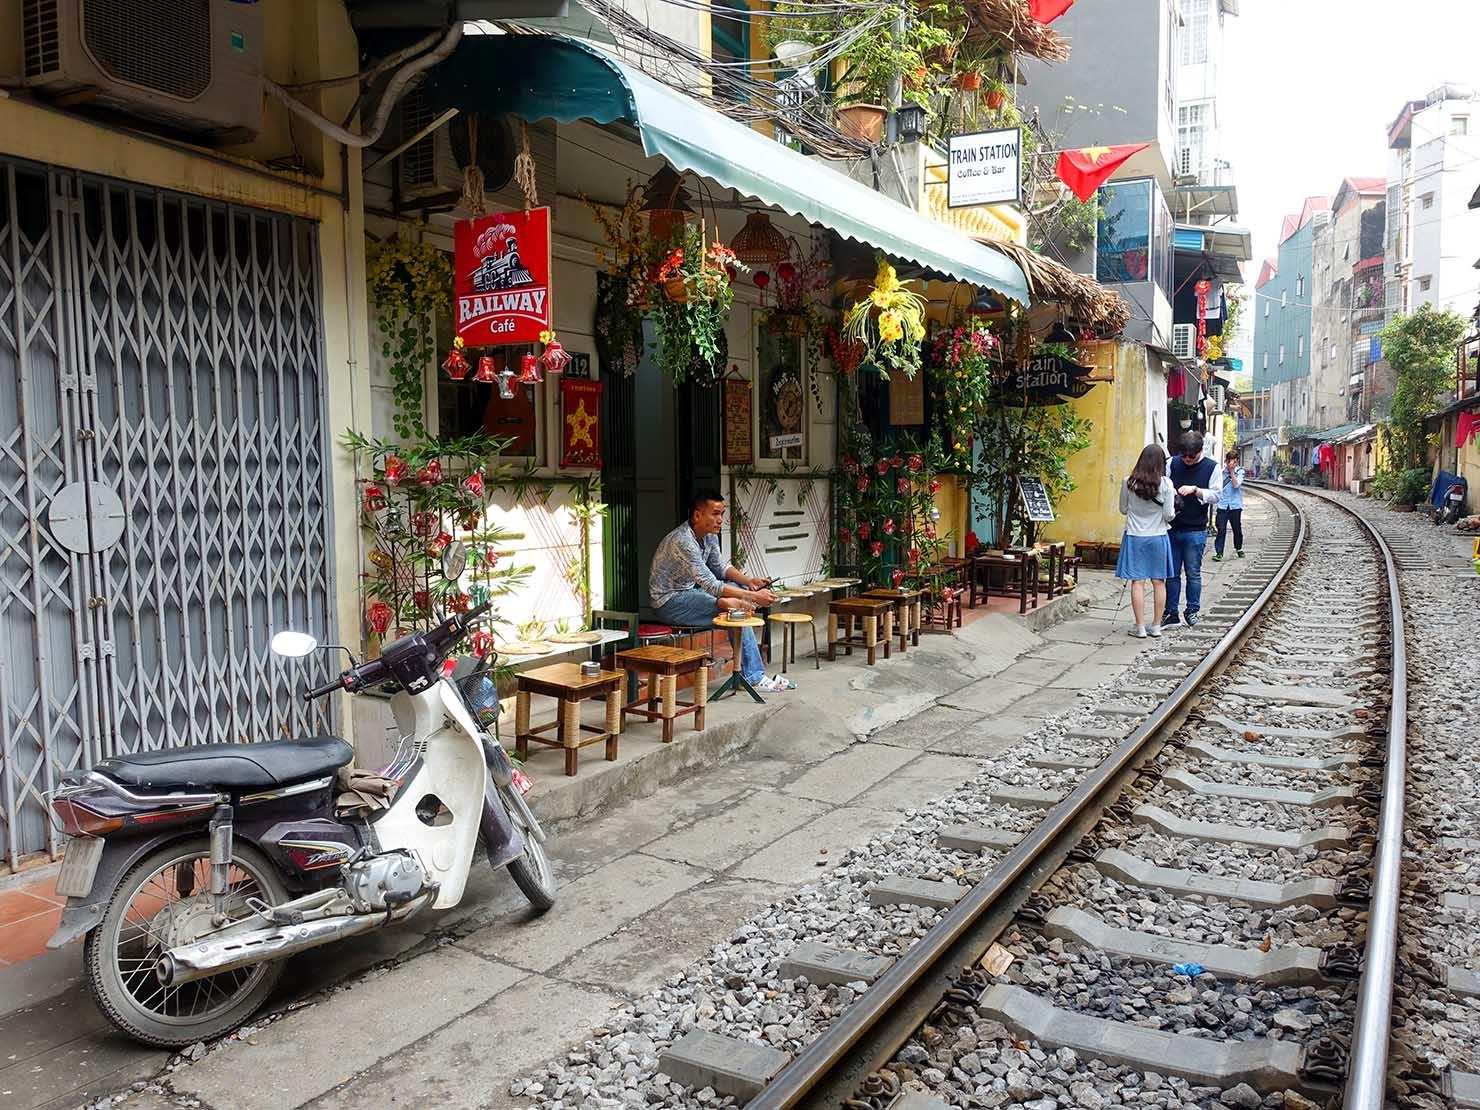 ベトナム・ハノイ旧市街にあるトレインストリート